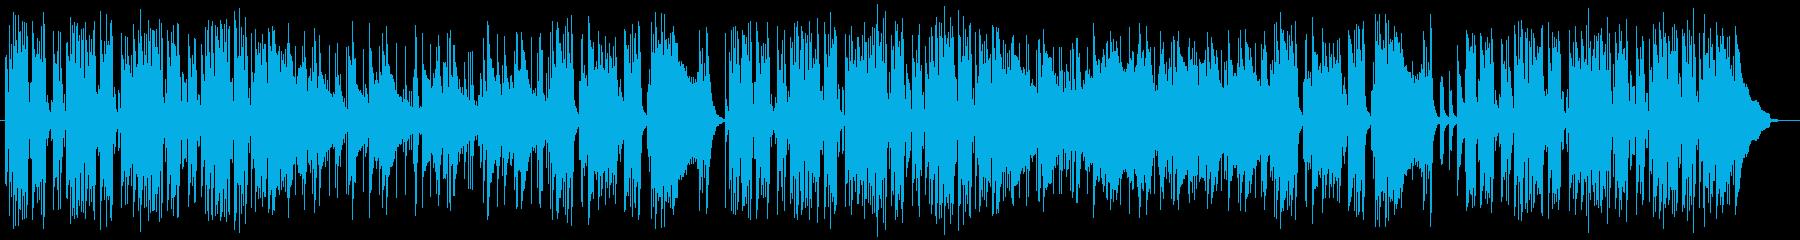 優雅なテンポでかっこいいミュージックの再生済みの波形